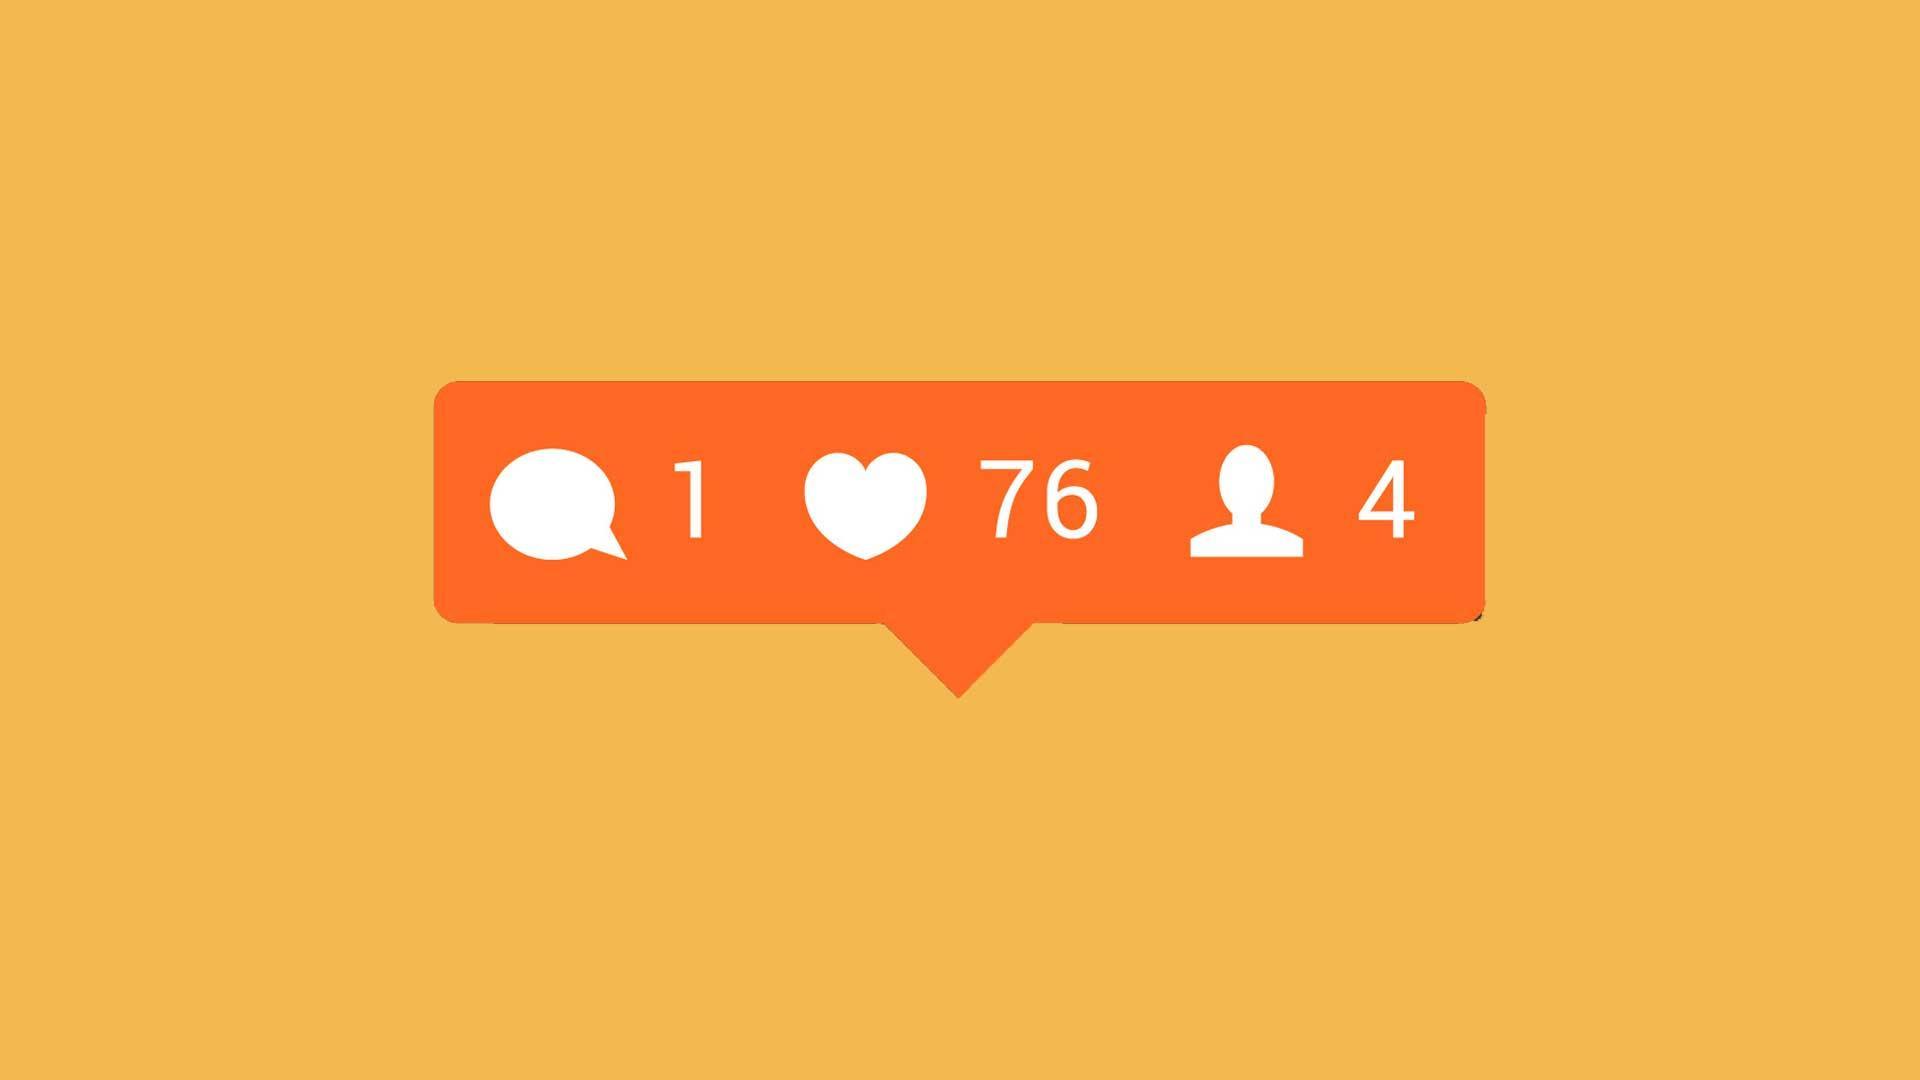 Ferramenta para criação de capa de artigos, imagens de anúncio e postagens no Instagram